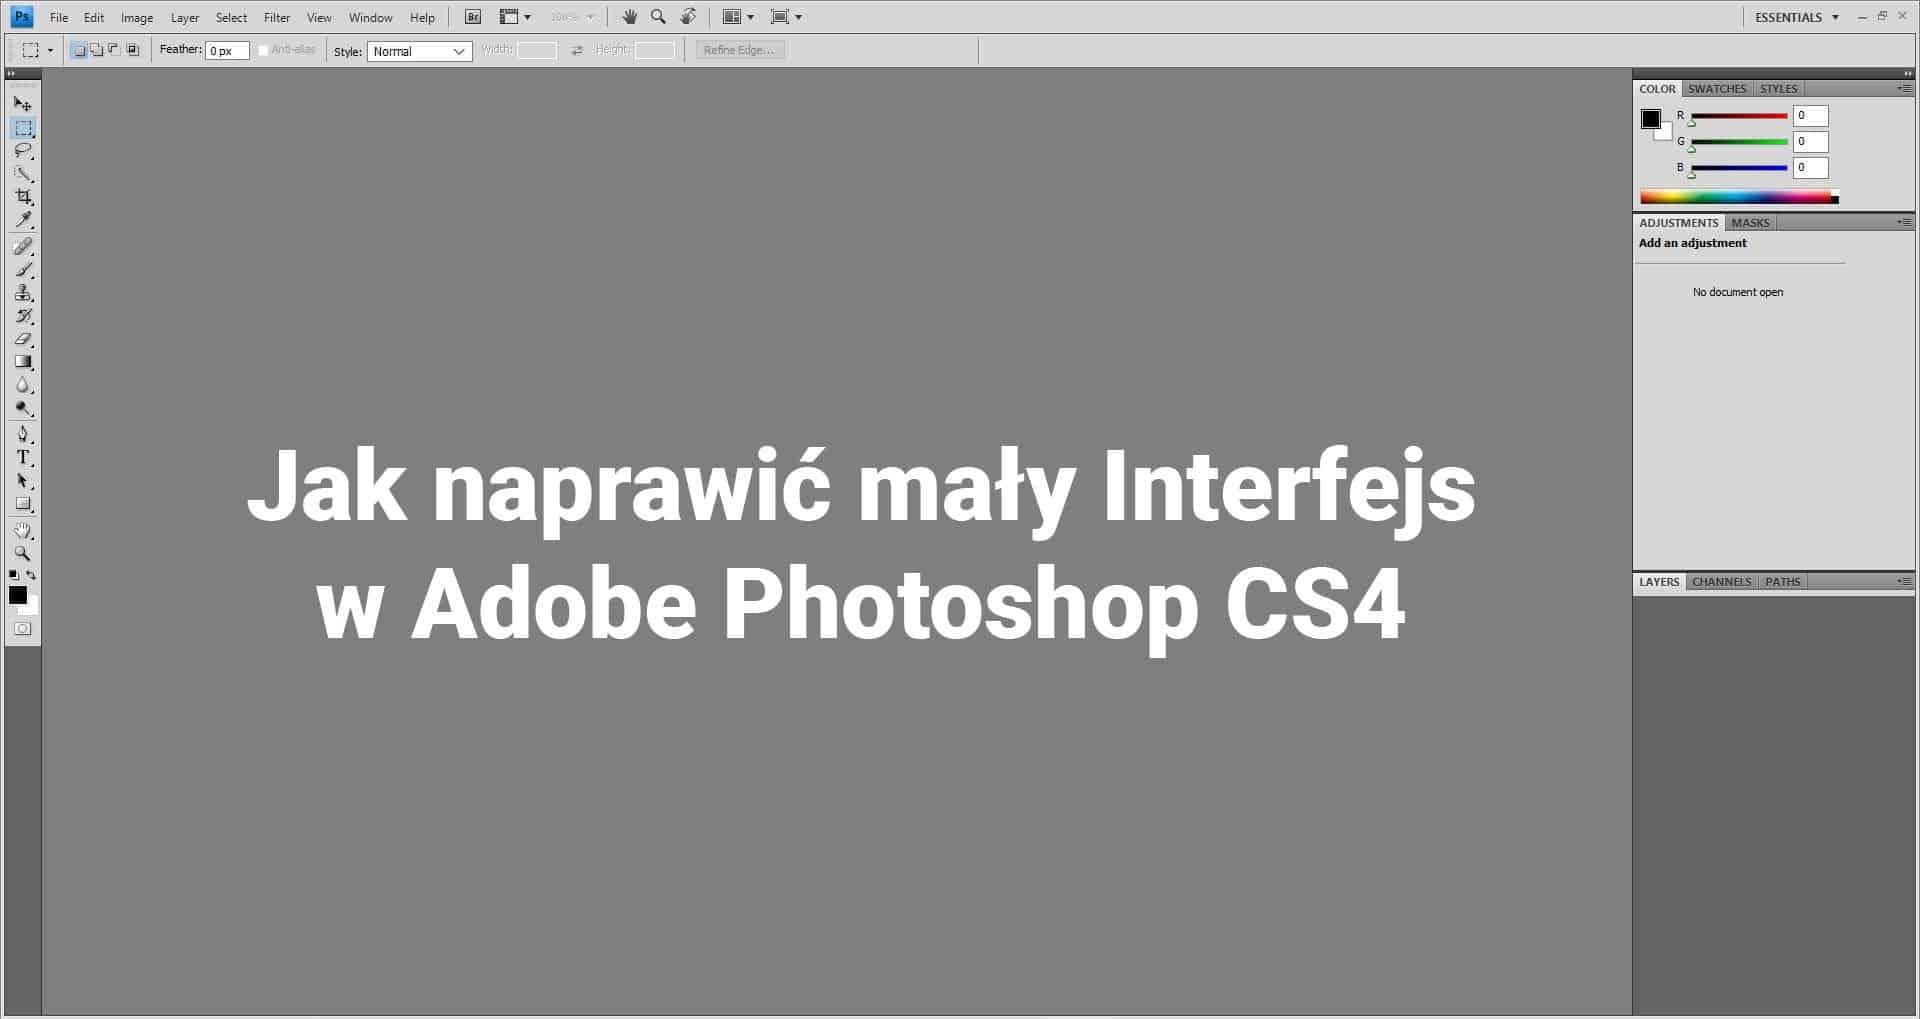 Jak naprawić mały interfejs w Adobe Photoshop